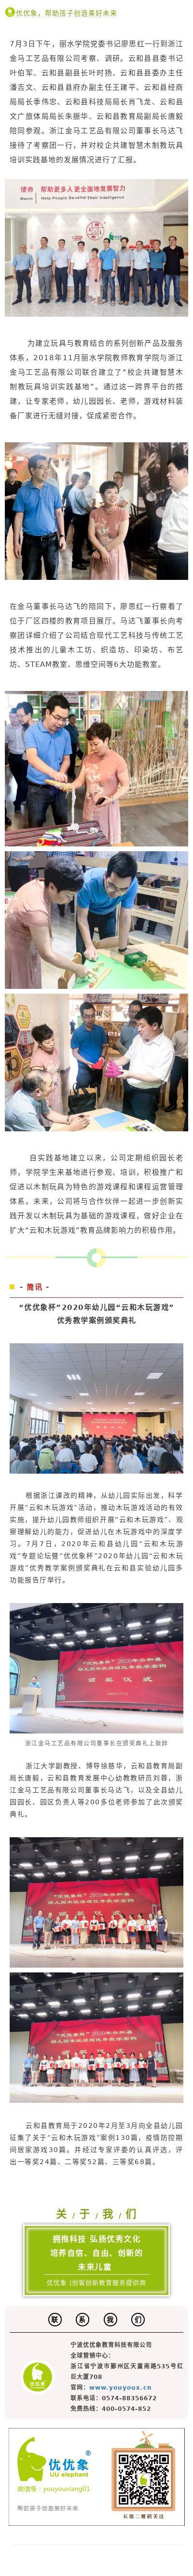 资讯  丽水学院党委书记廖思红到浙江金马调研指导工作.jpg